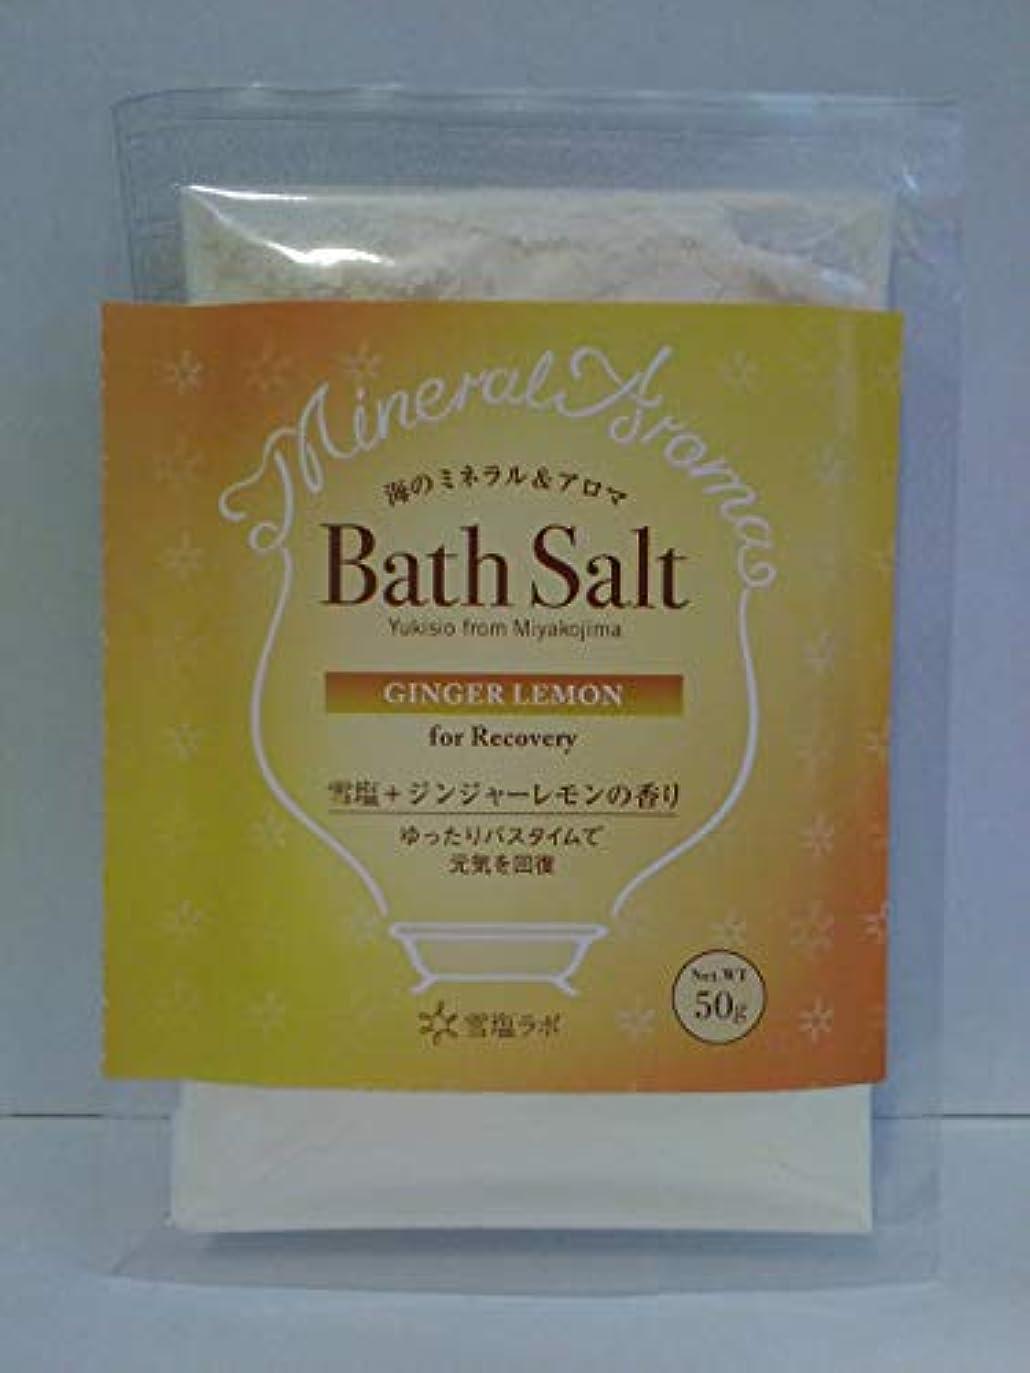 上空気比較的海のミネラル&アロマ Bath Salt 雪塩+ジンジャーレモンの香り